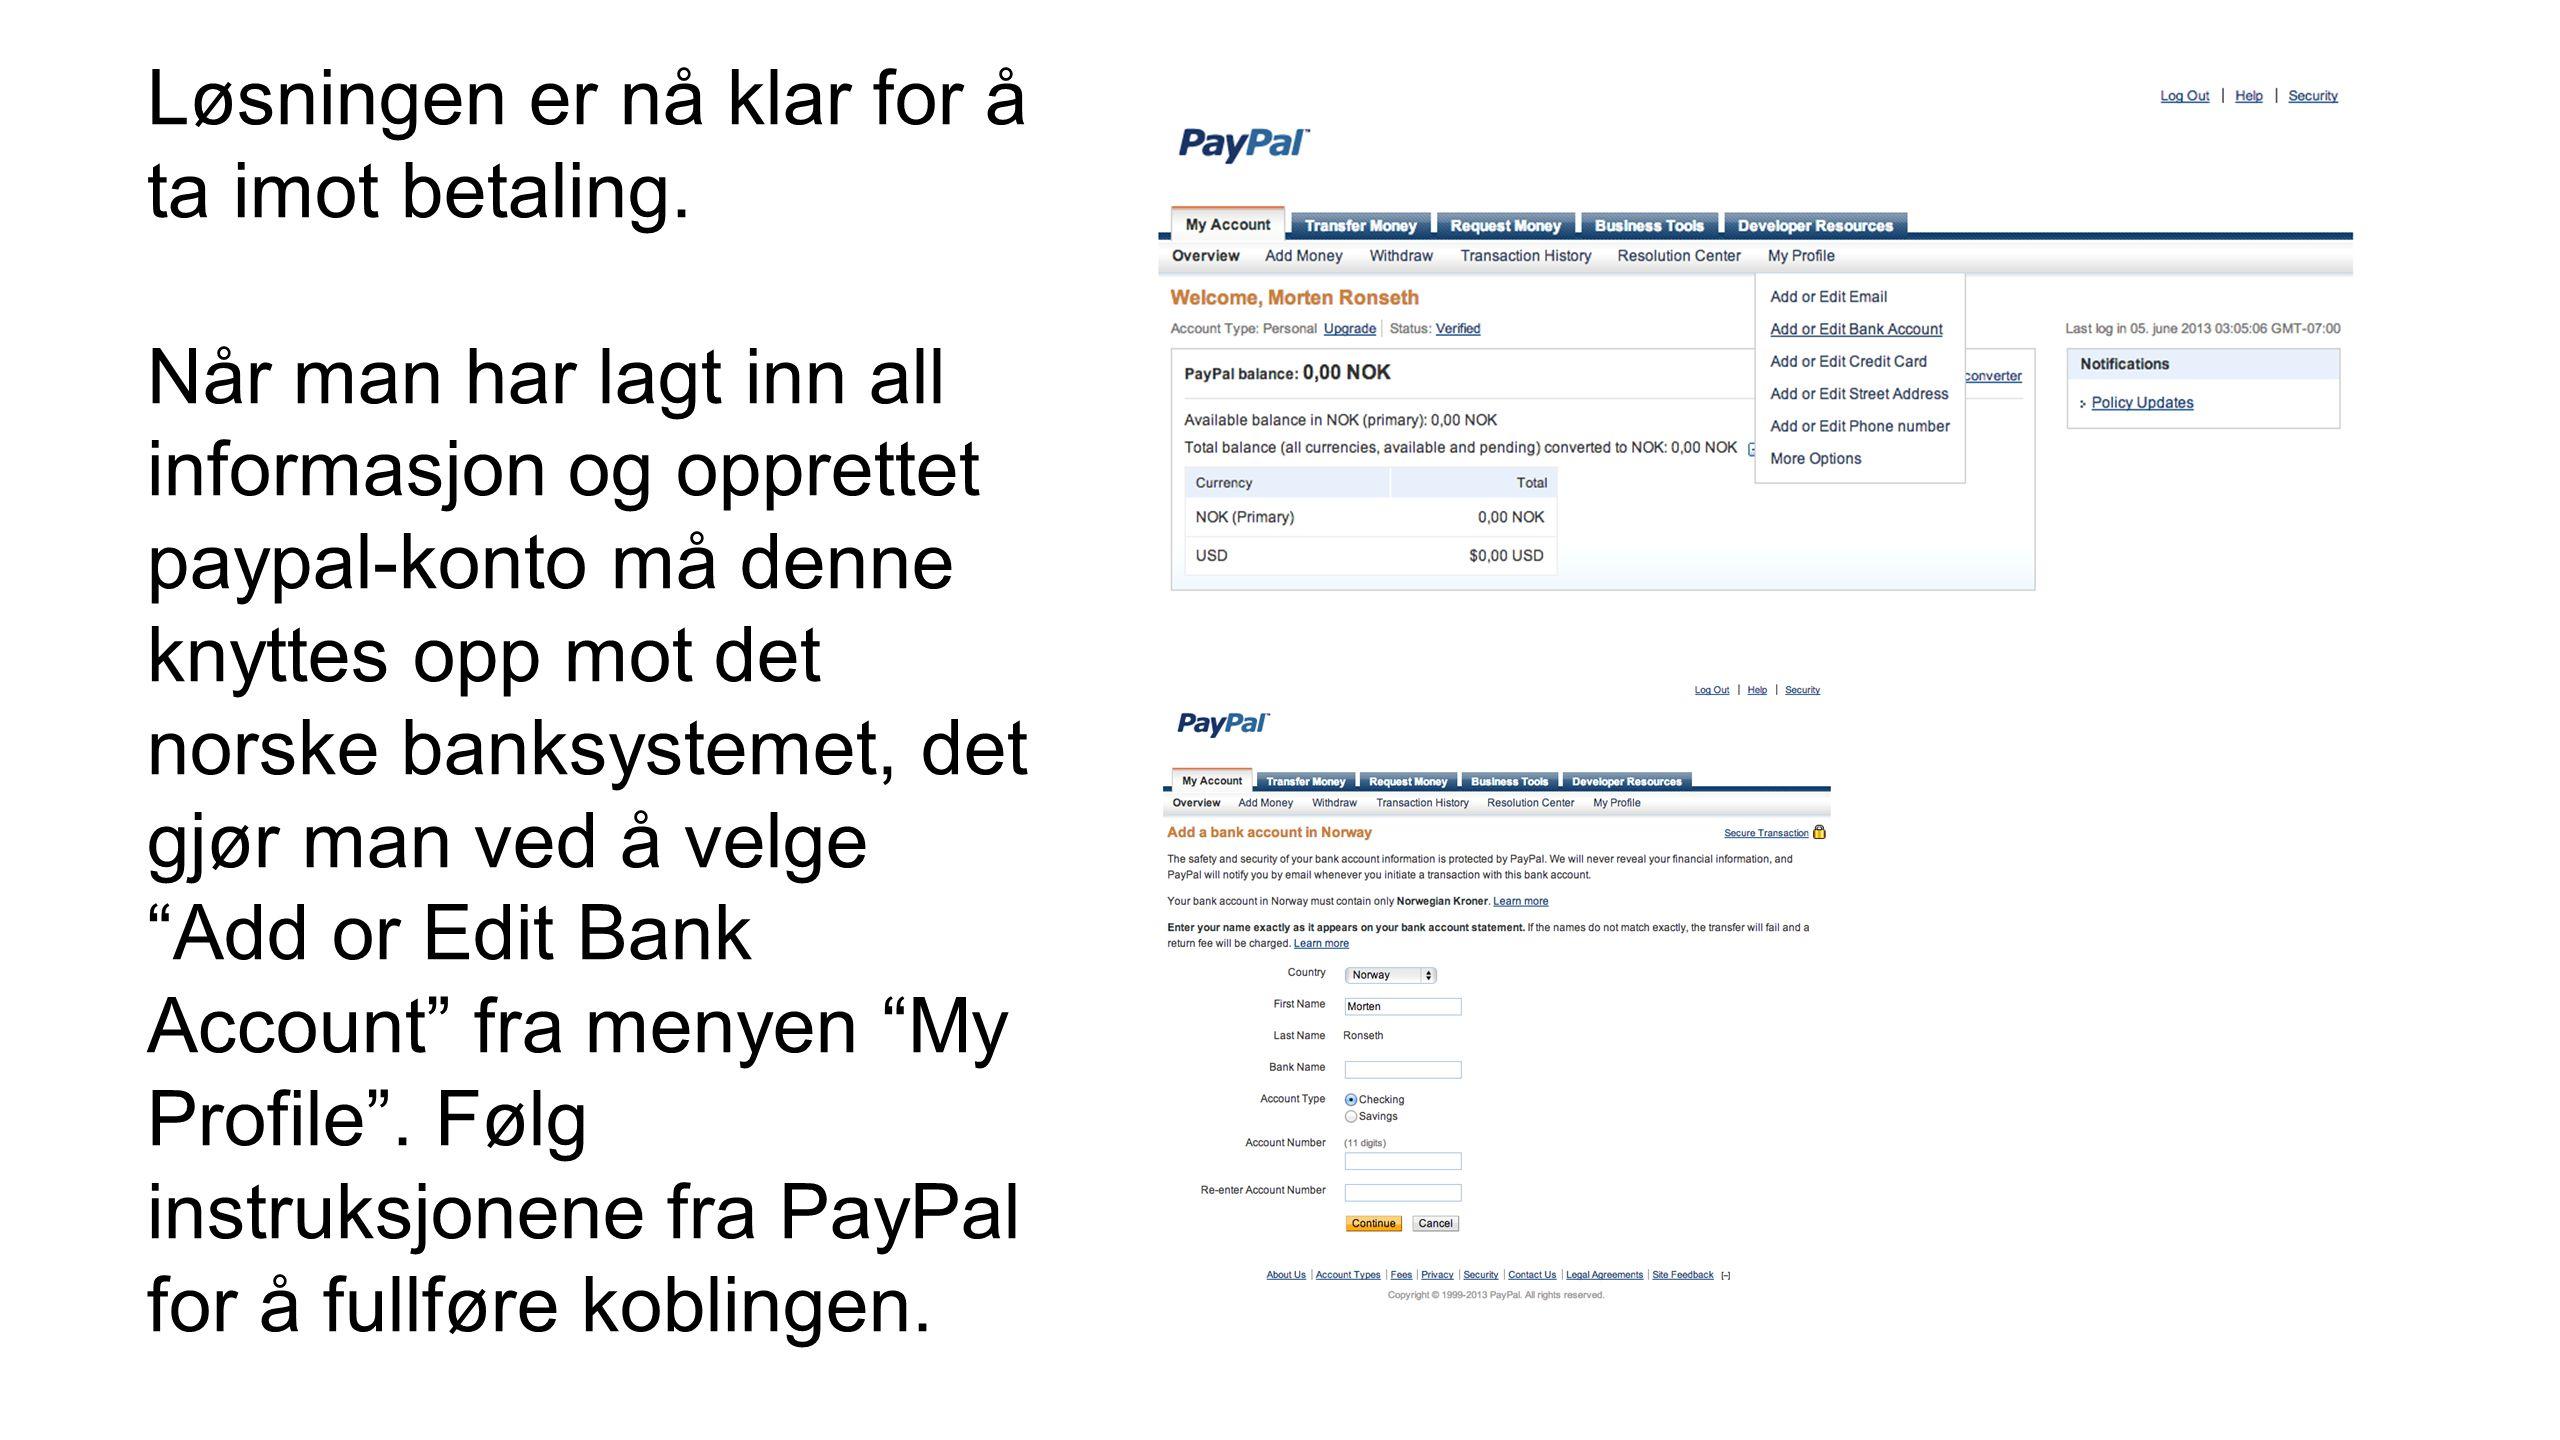 Løsningen er nå klar for å ta imot betaling. Når man har lagt inn all informasjon og opprettet paypal-konto må denne knyttes opp mot det norske banksy